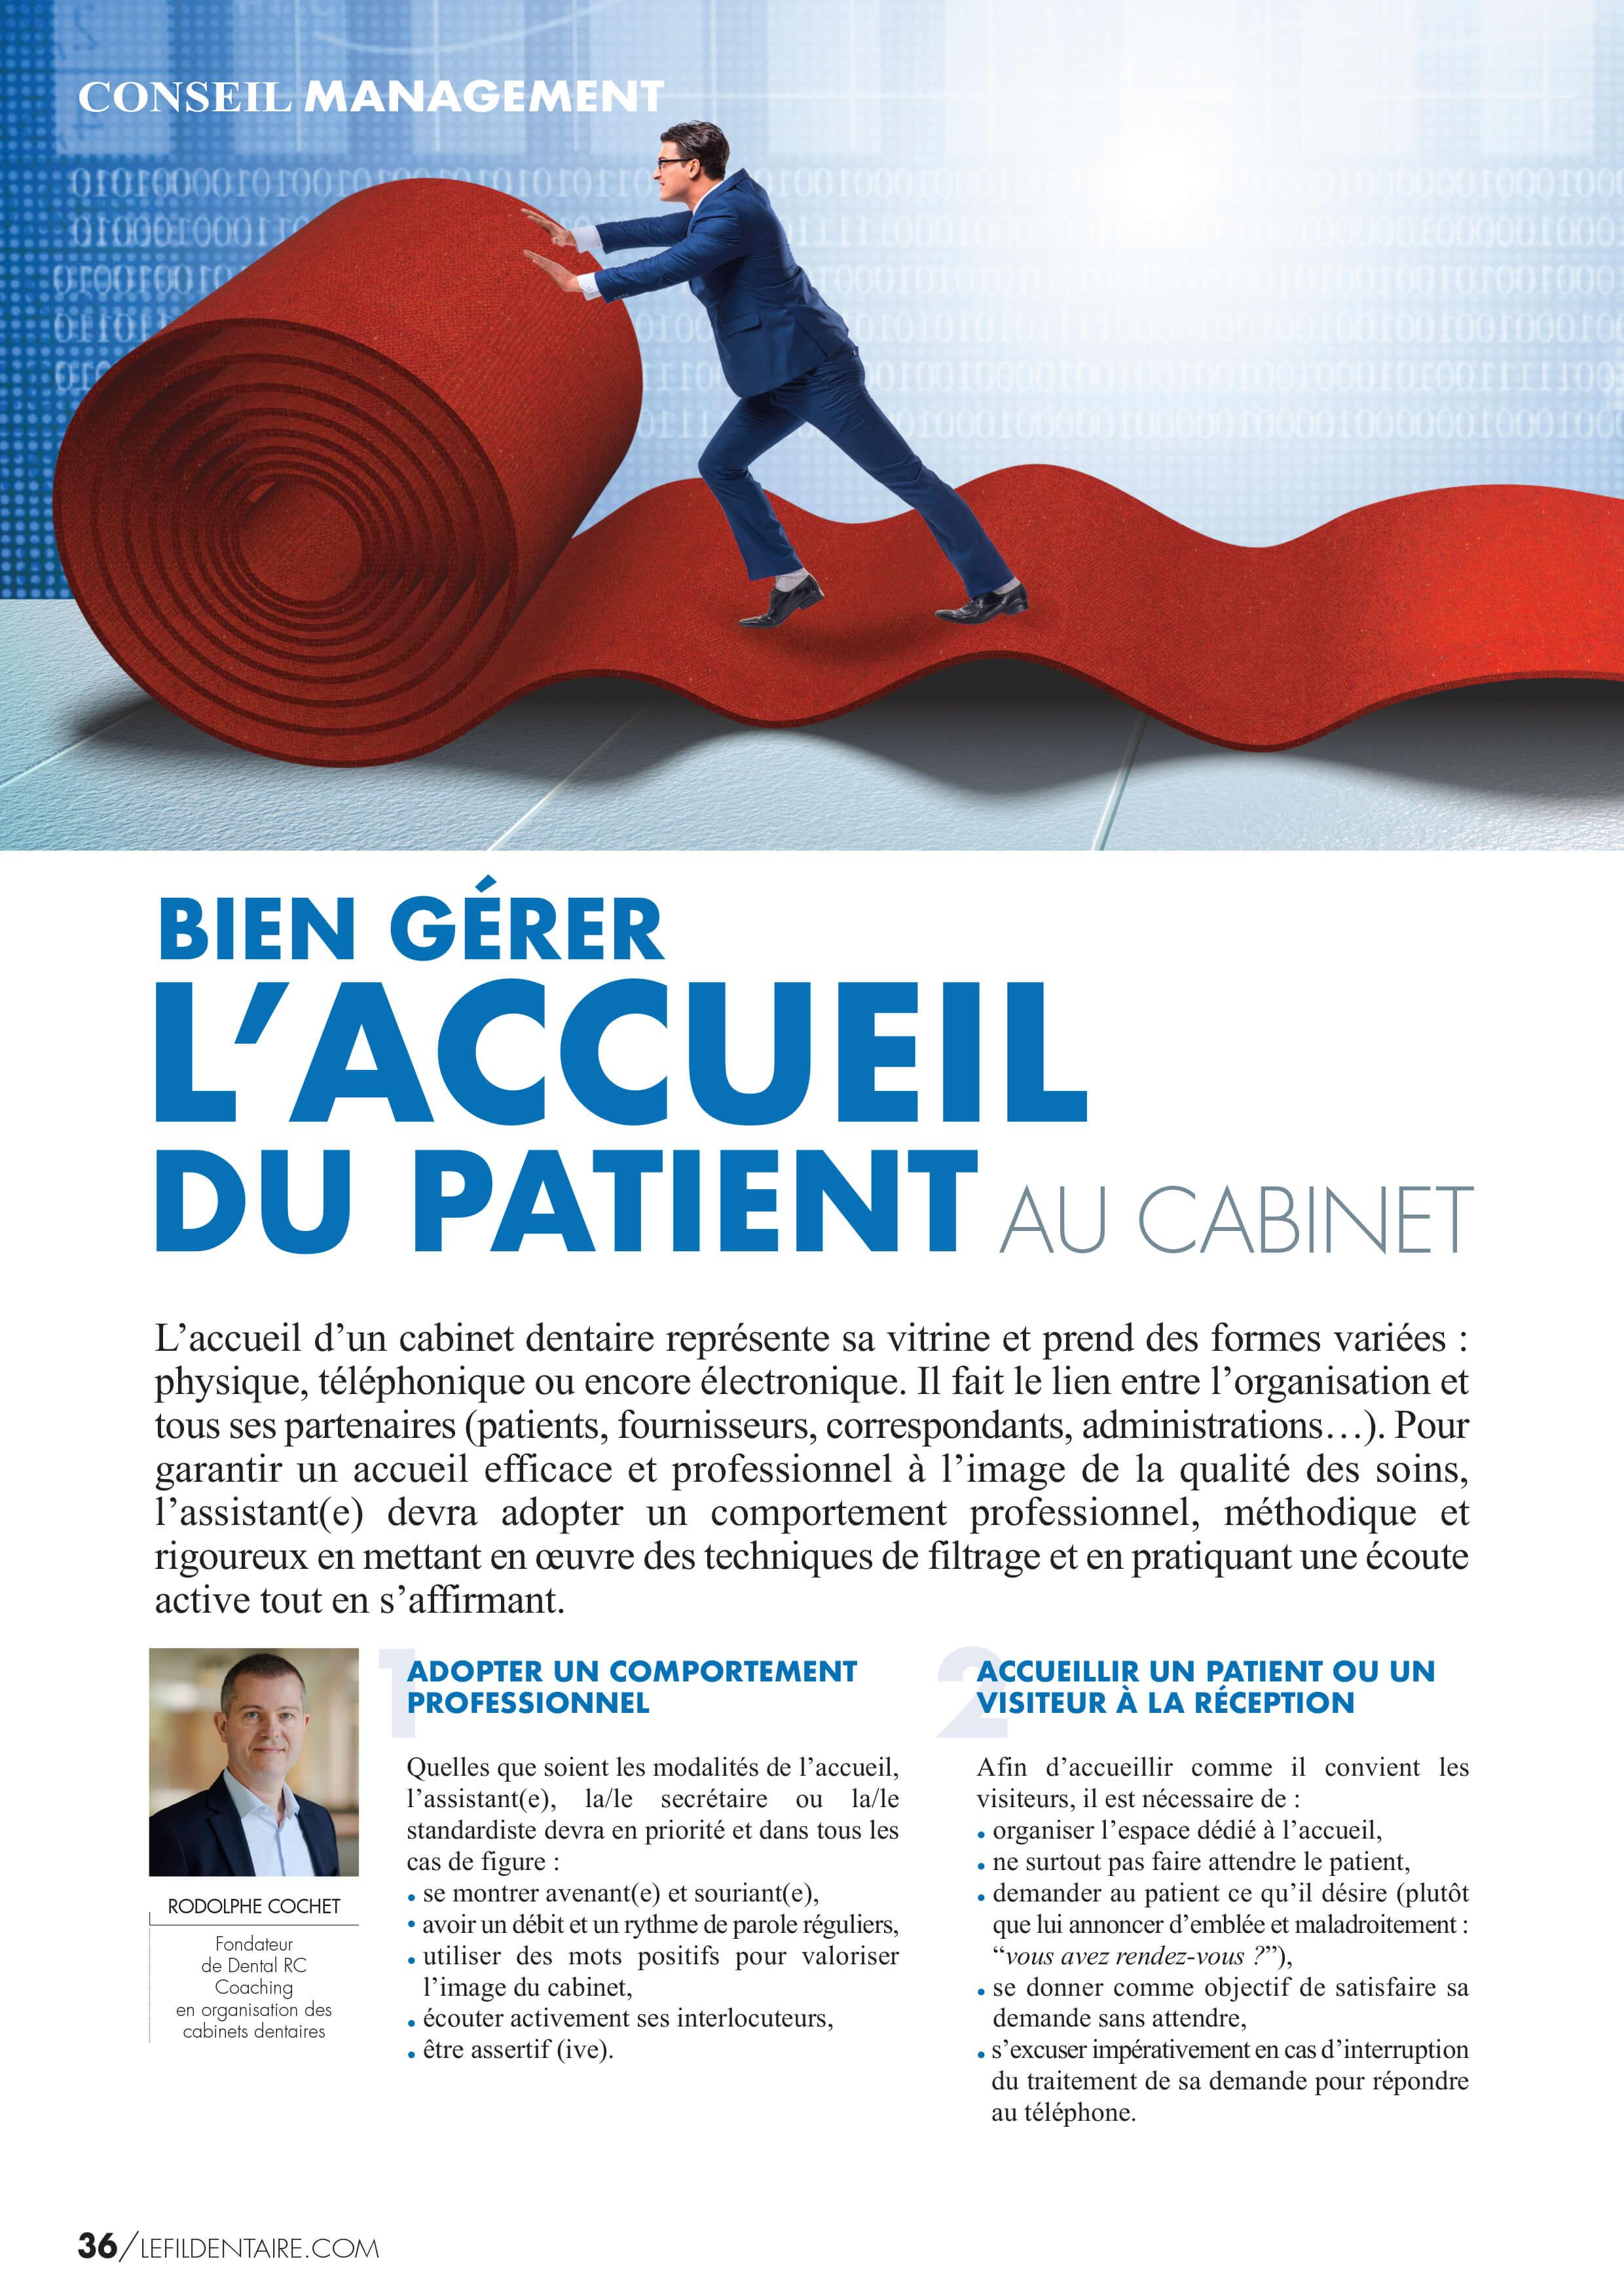 Bien-gérer-l'accueil-du-patient-au-cabinet-dentaire-Rodolphe-Cochet.jpg